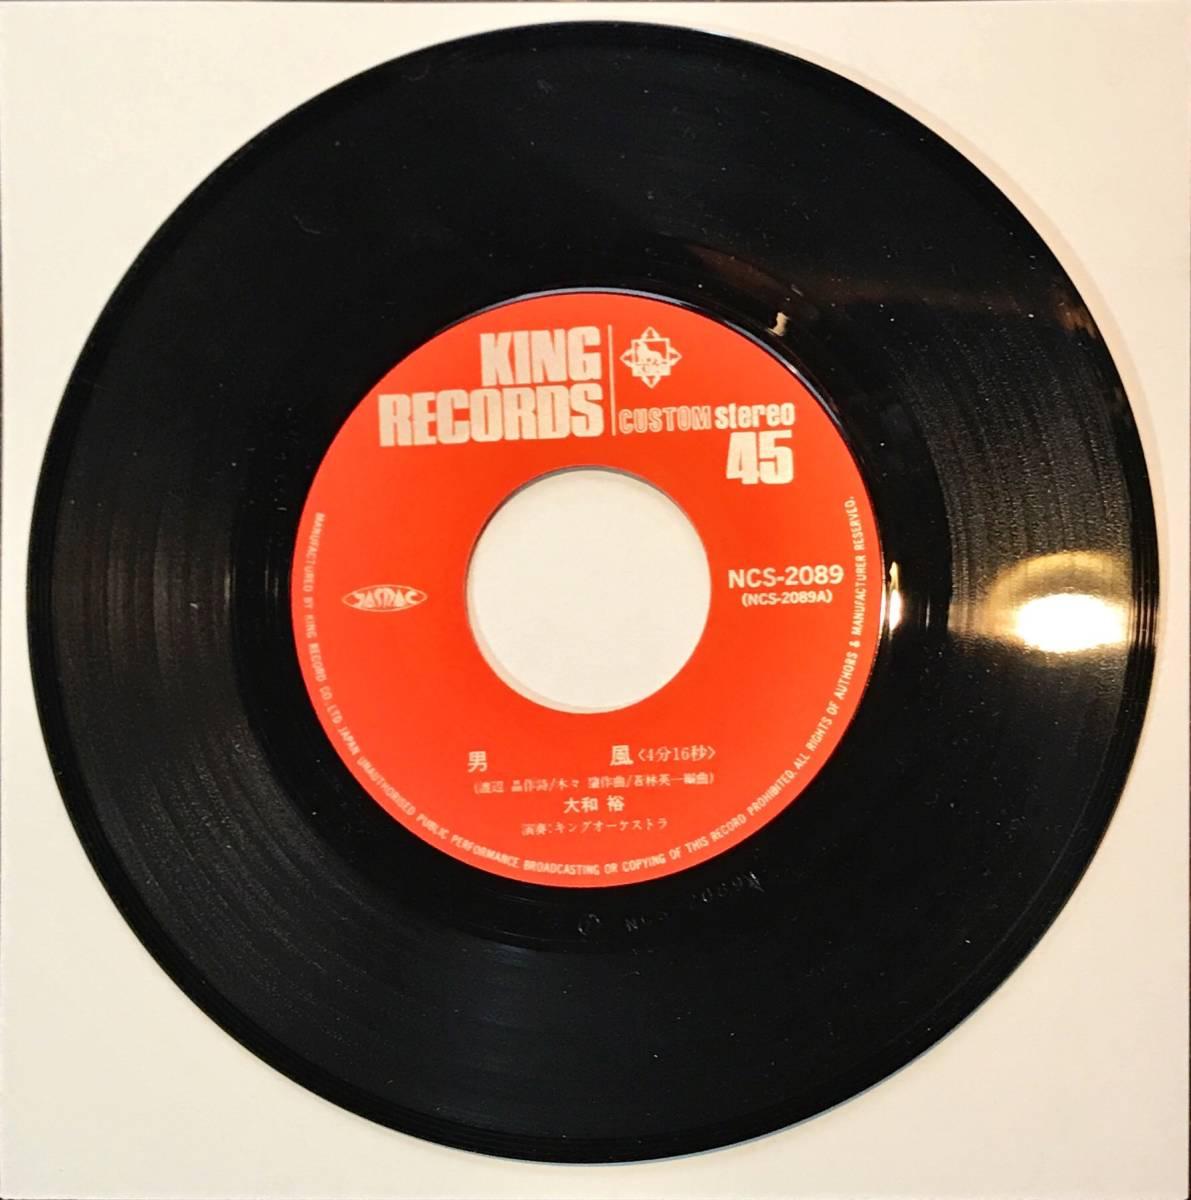 [試聴]和モノ自主盤グルーヴ演歌 大和裕 // 男風 / 都会ぐらし GROOVE歌謡 【EP】サイン入り マイナーC級 自主制作盤 funkファンク 7_画像5